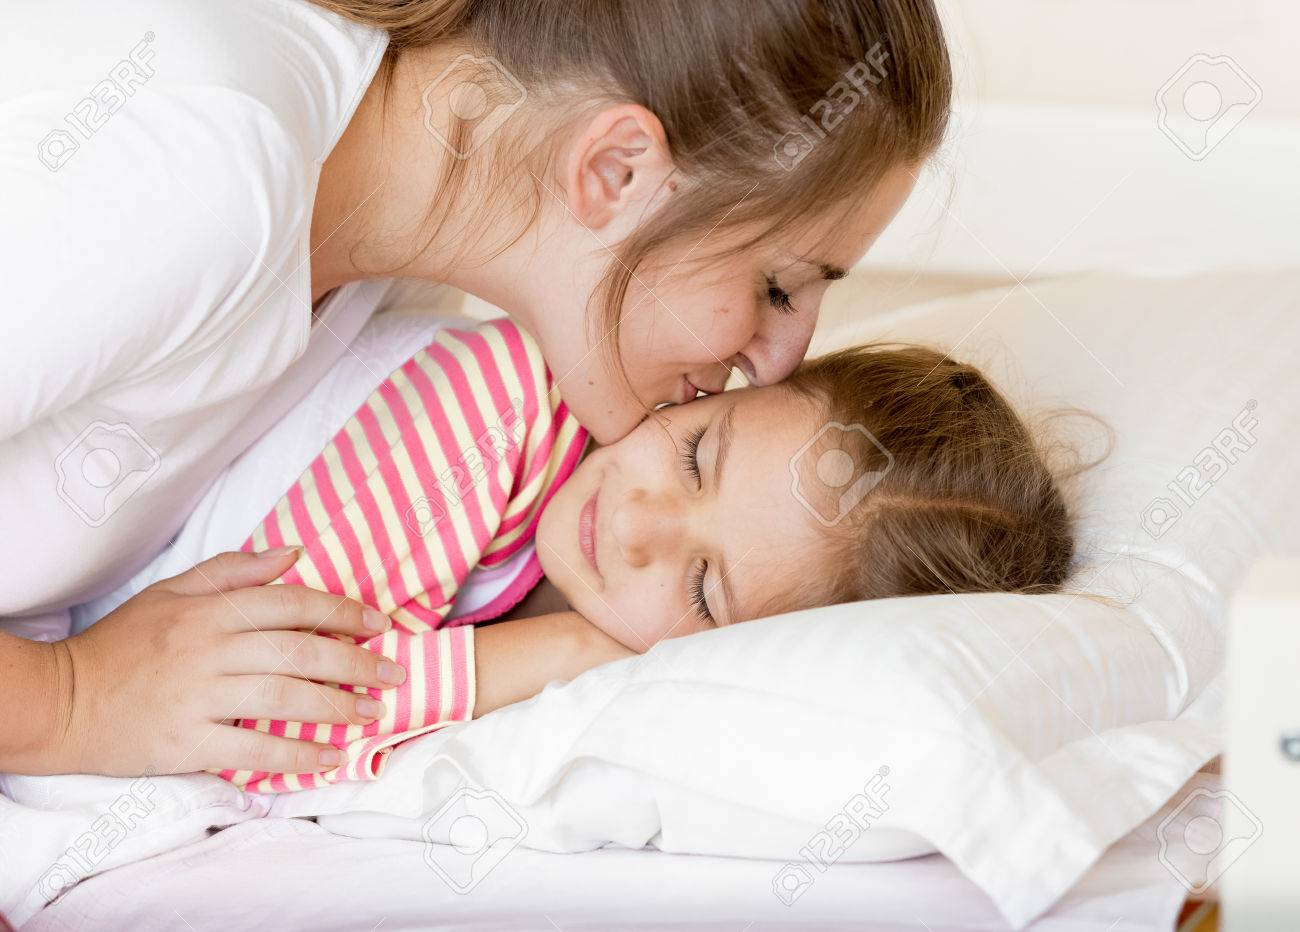 Смотреть секс мама дочка, В инцест видео мамы с дочкой есть место и соблазну 21 фотография